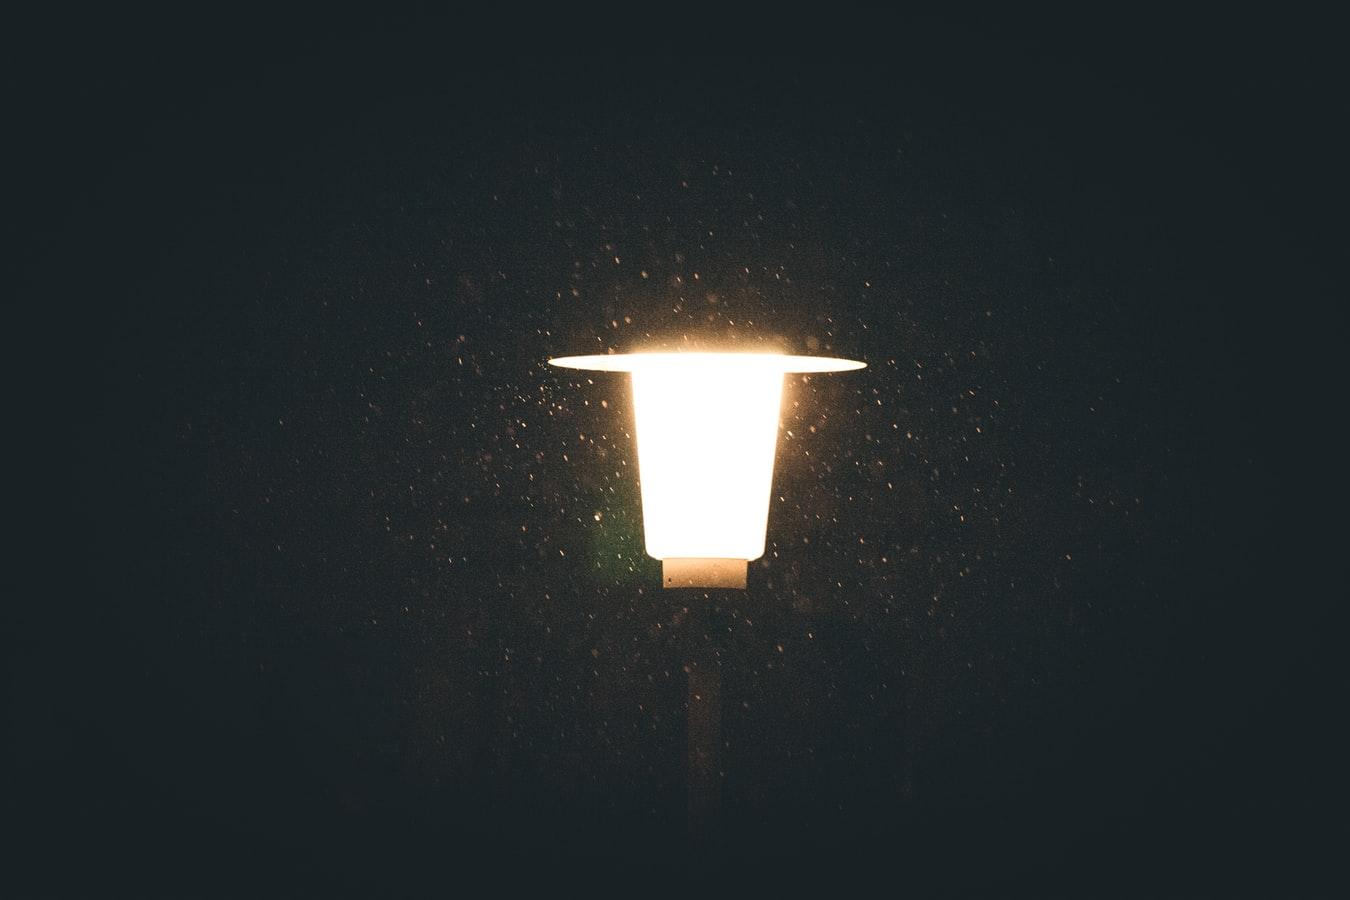 neighbors leave lights on all night